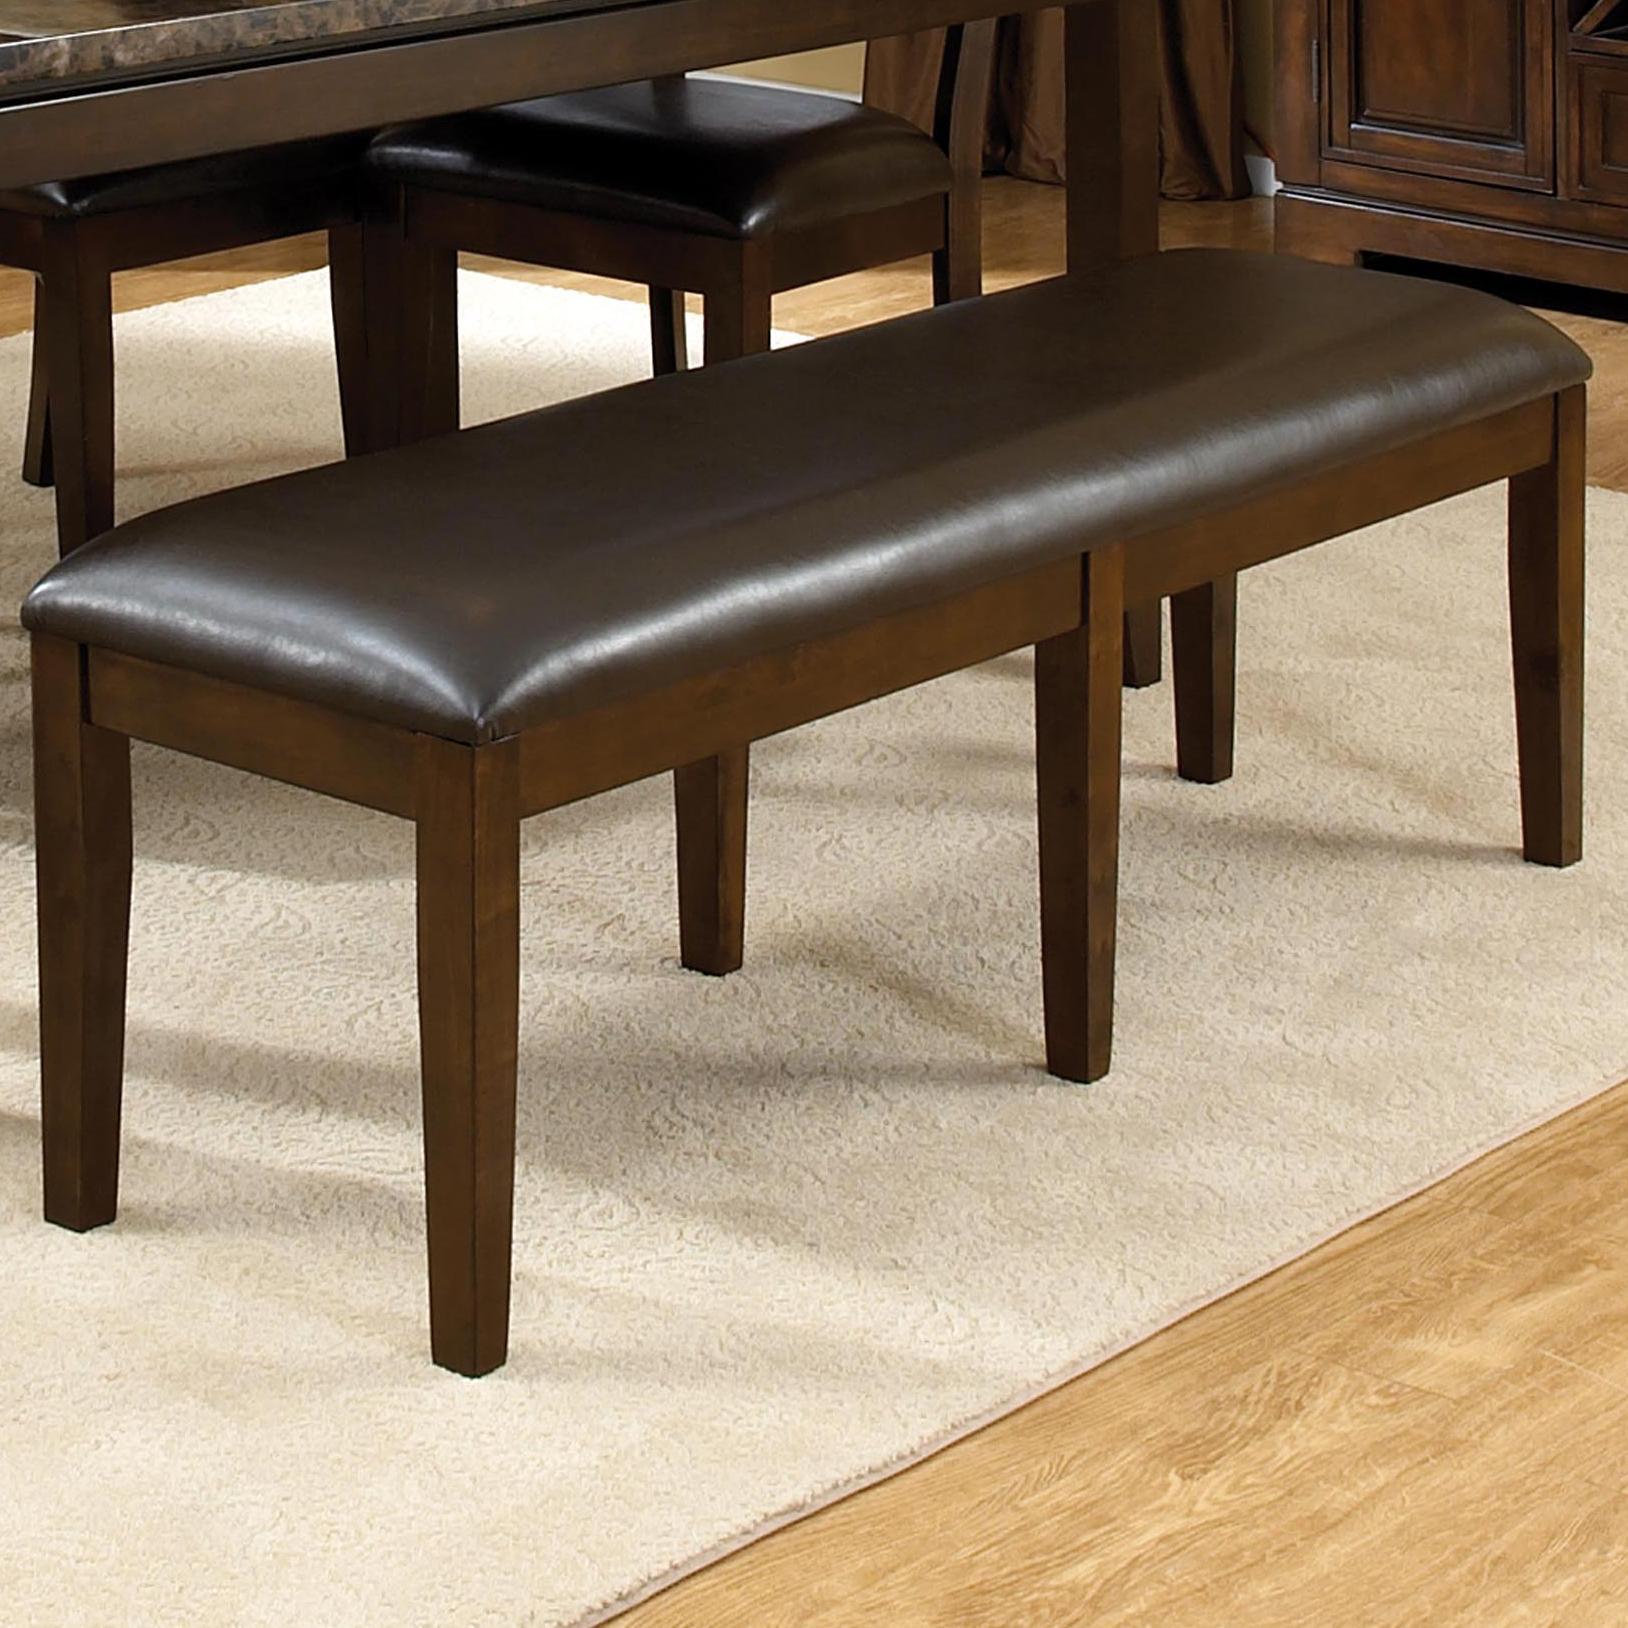 Standard Furniture Bella Bench - Item Number: 16849